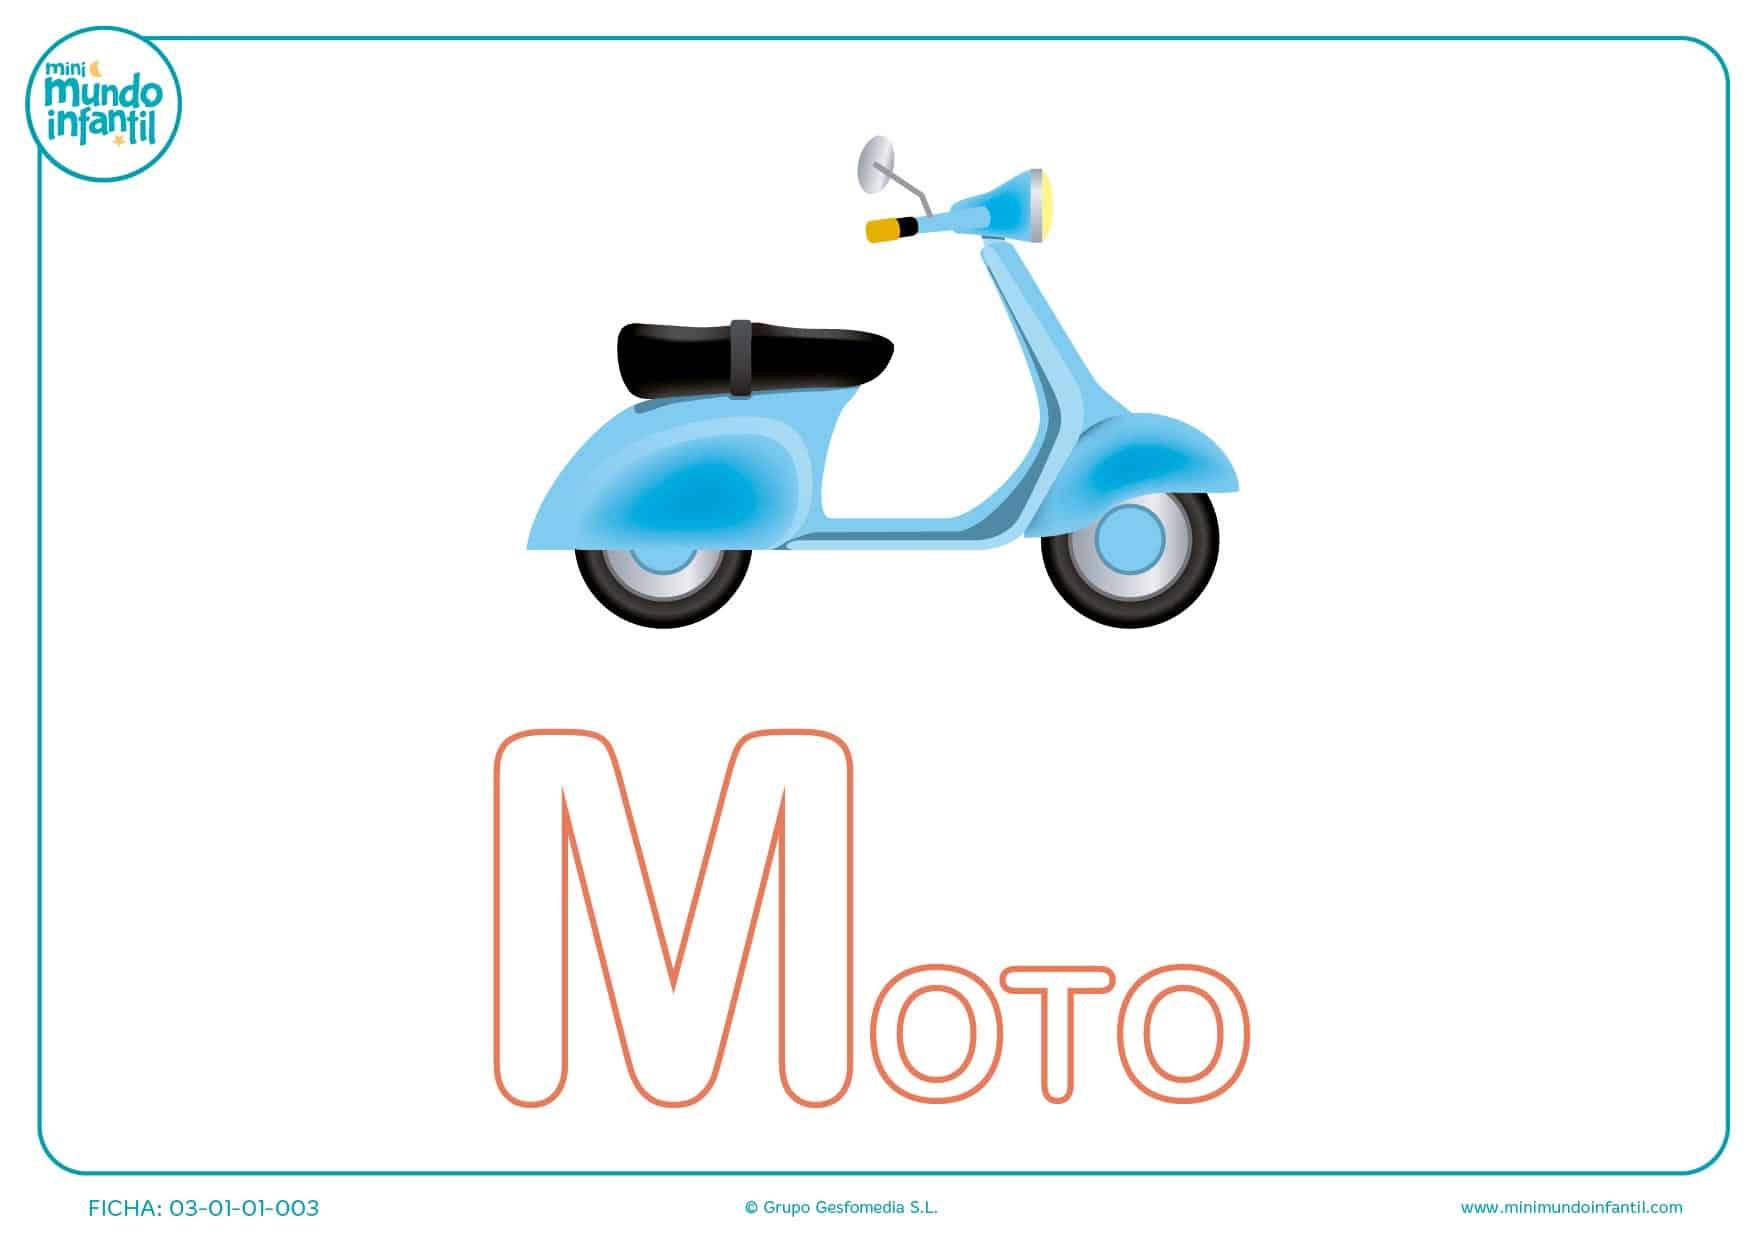 Pintar la letra M mayúscula de moto